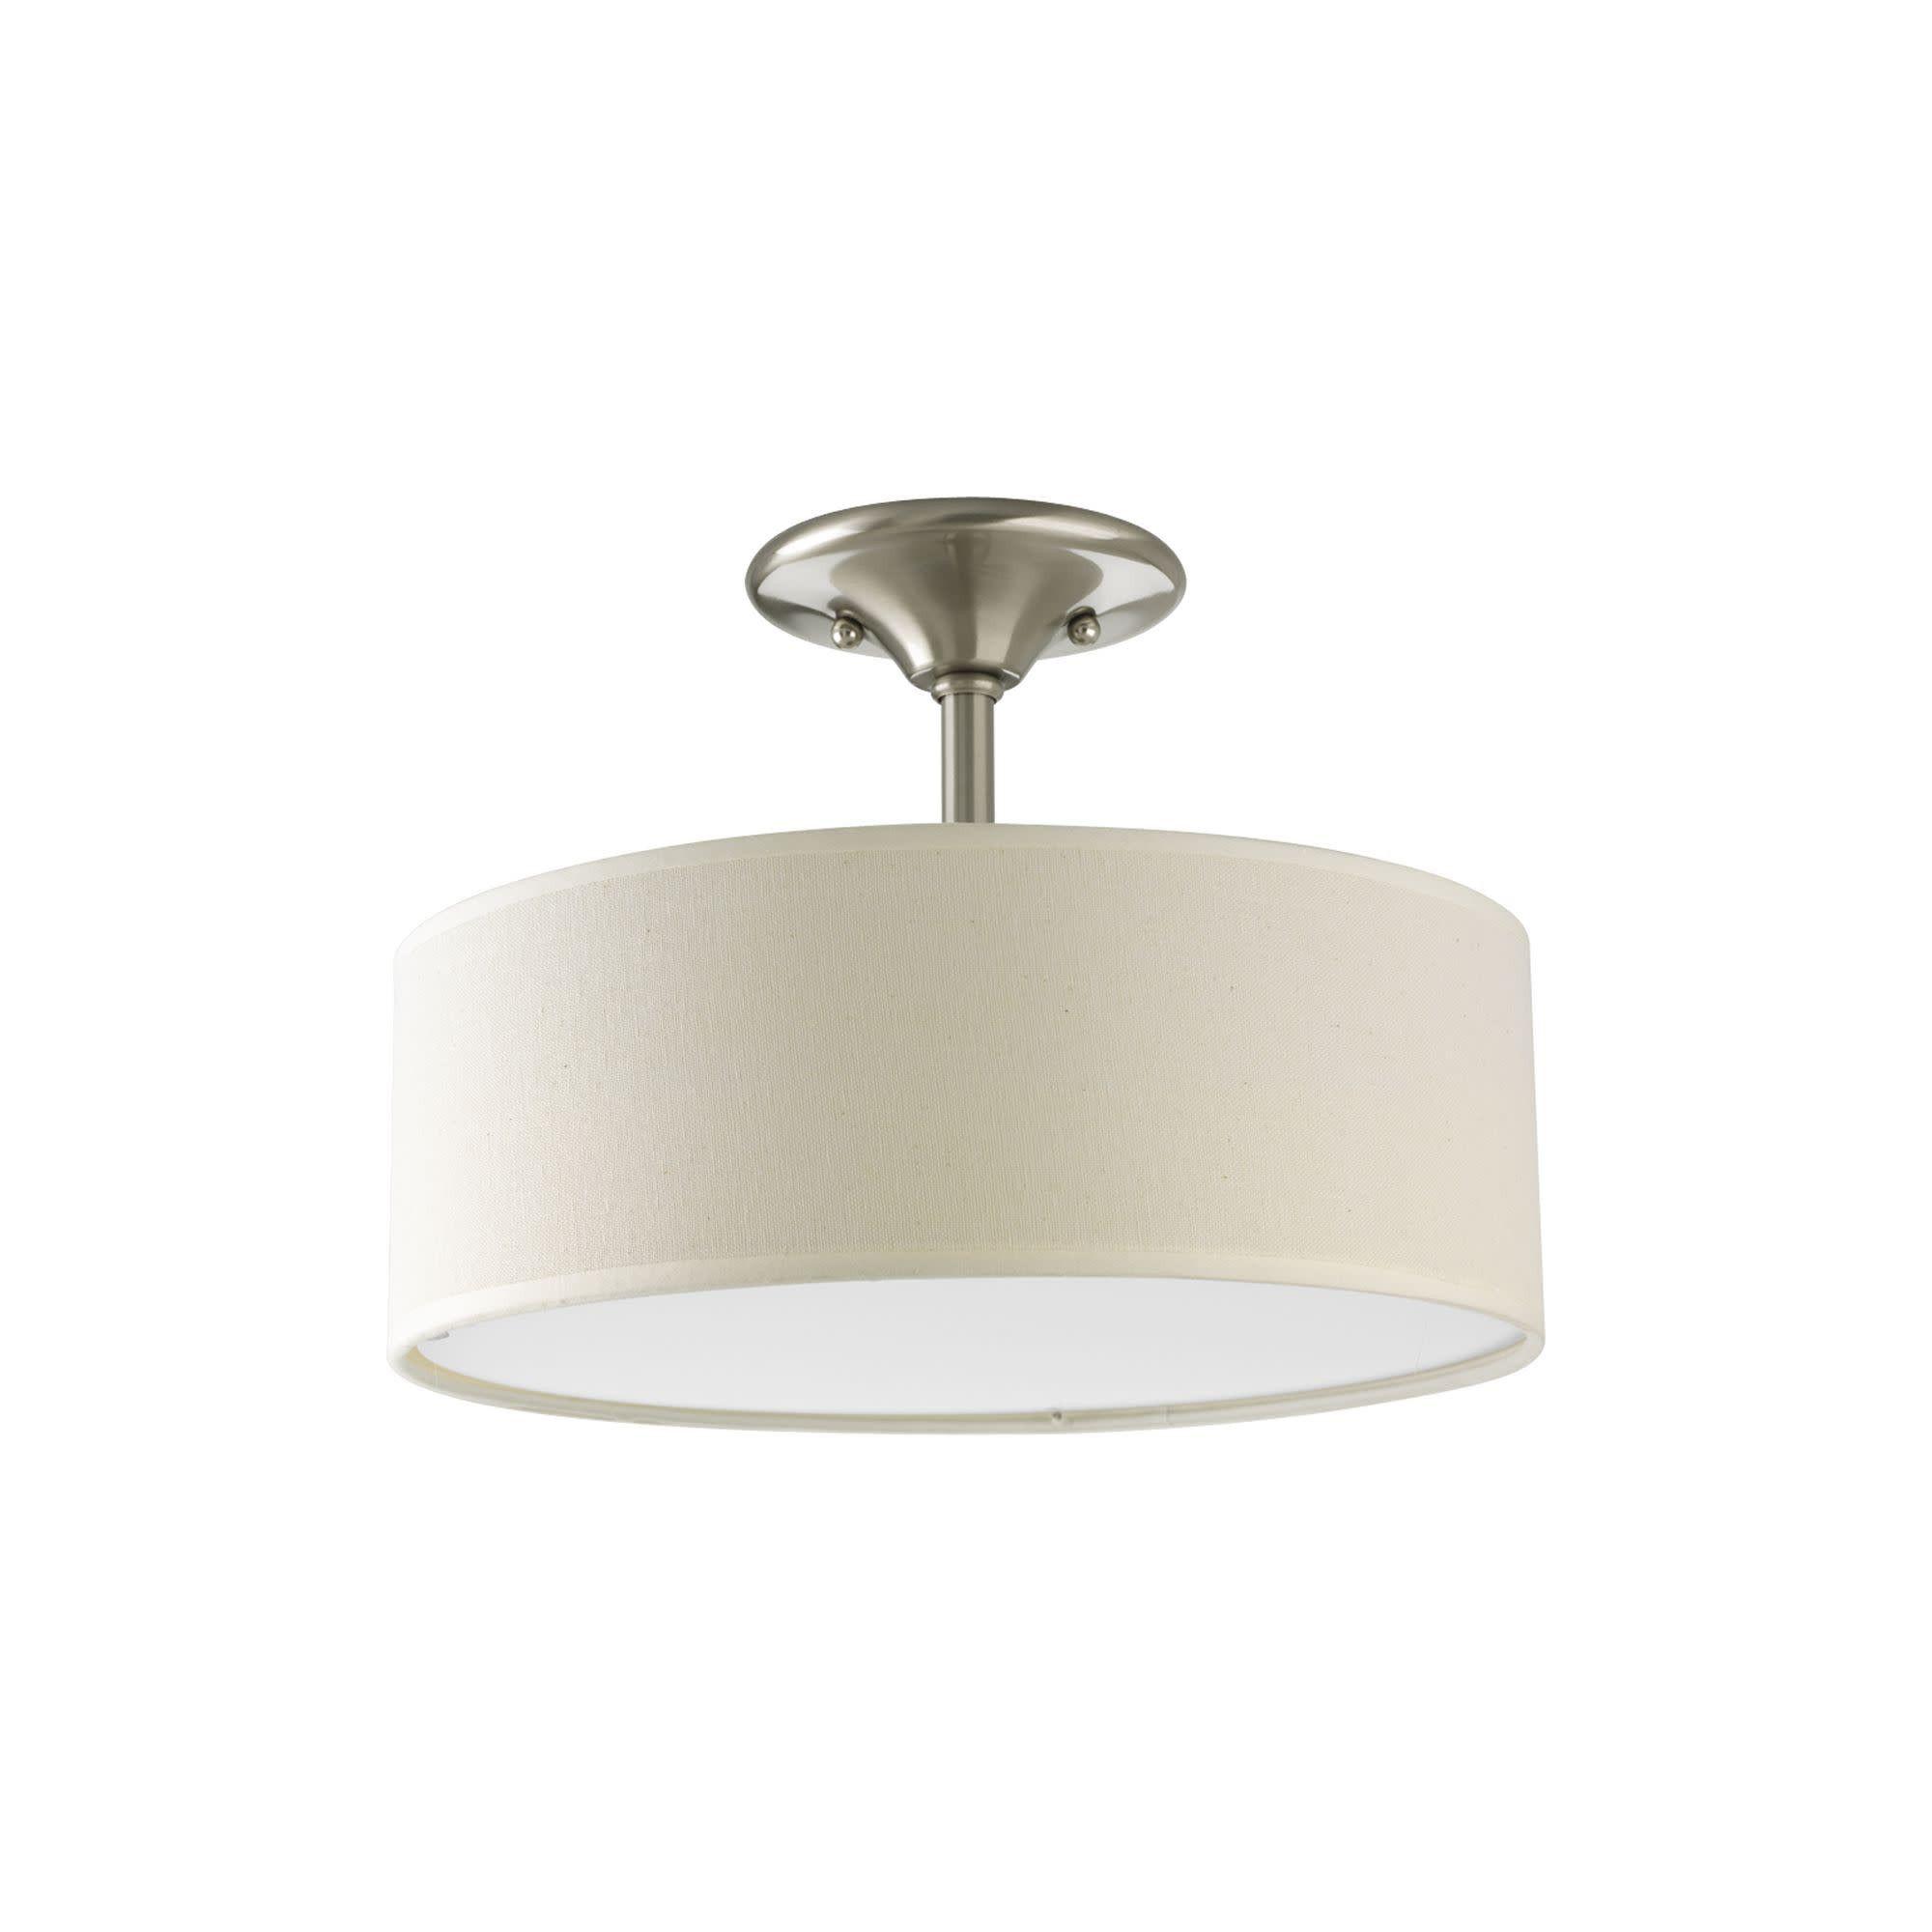 Progress Lighting P3939 Inspire 2 Light Semi Flush Mount Ceiling